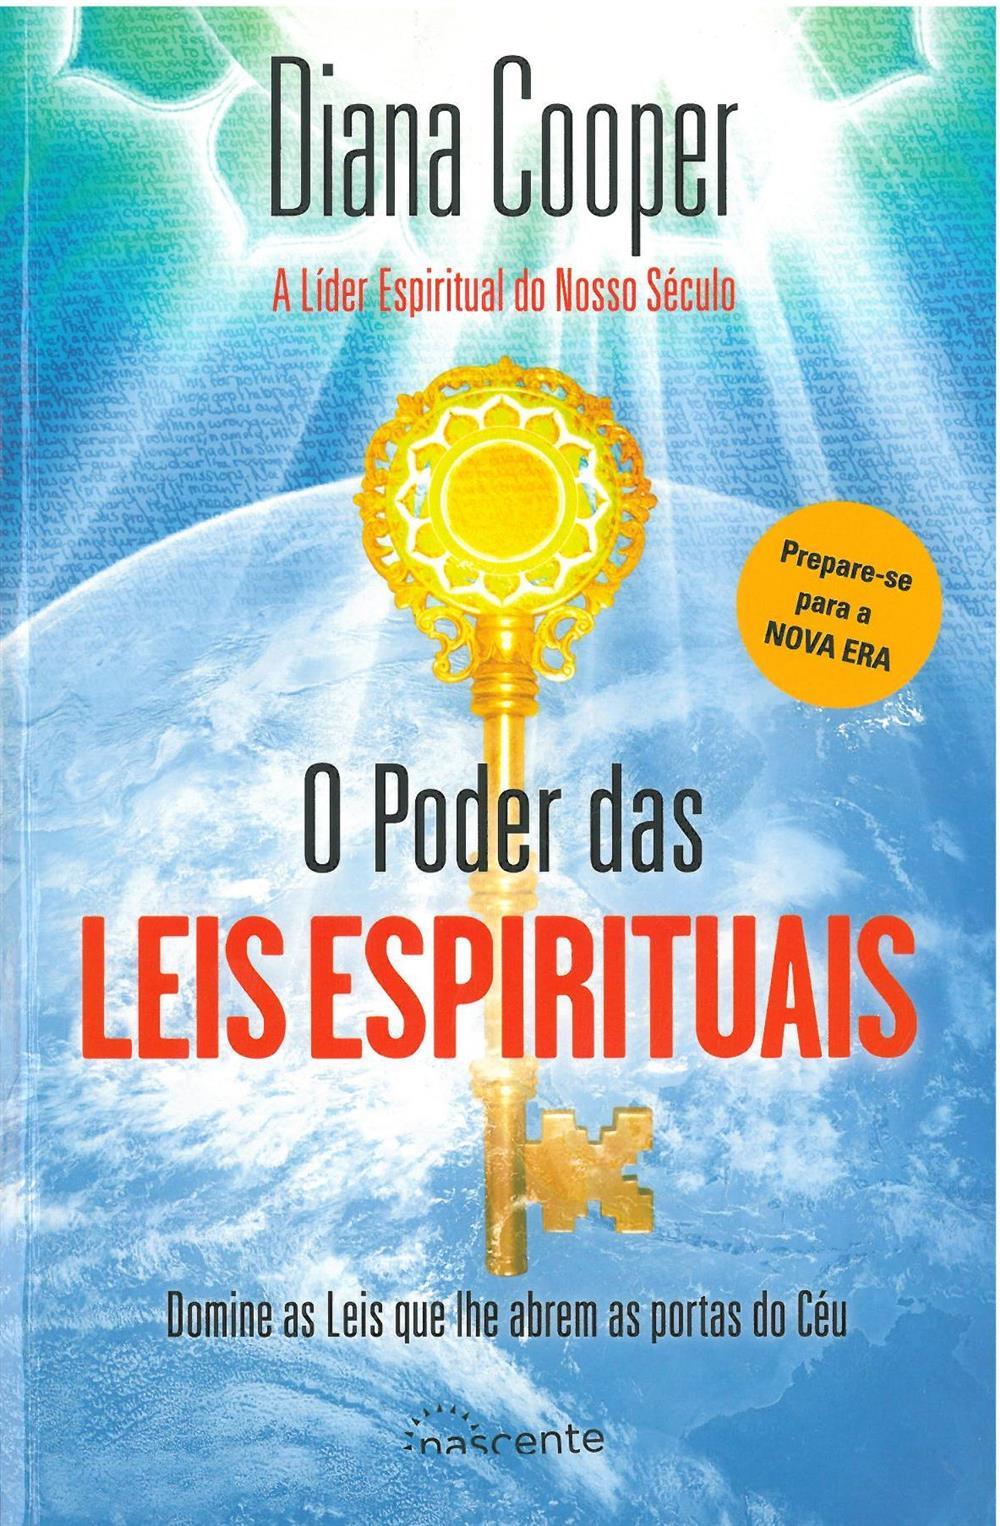 O poder das leis espirituais_.jpg